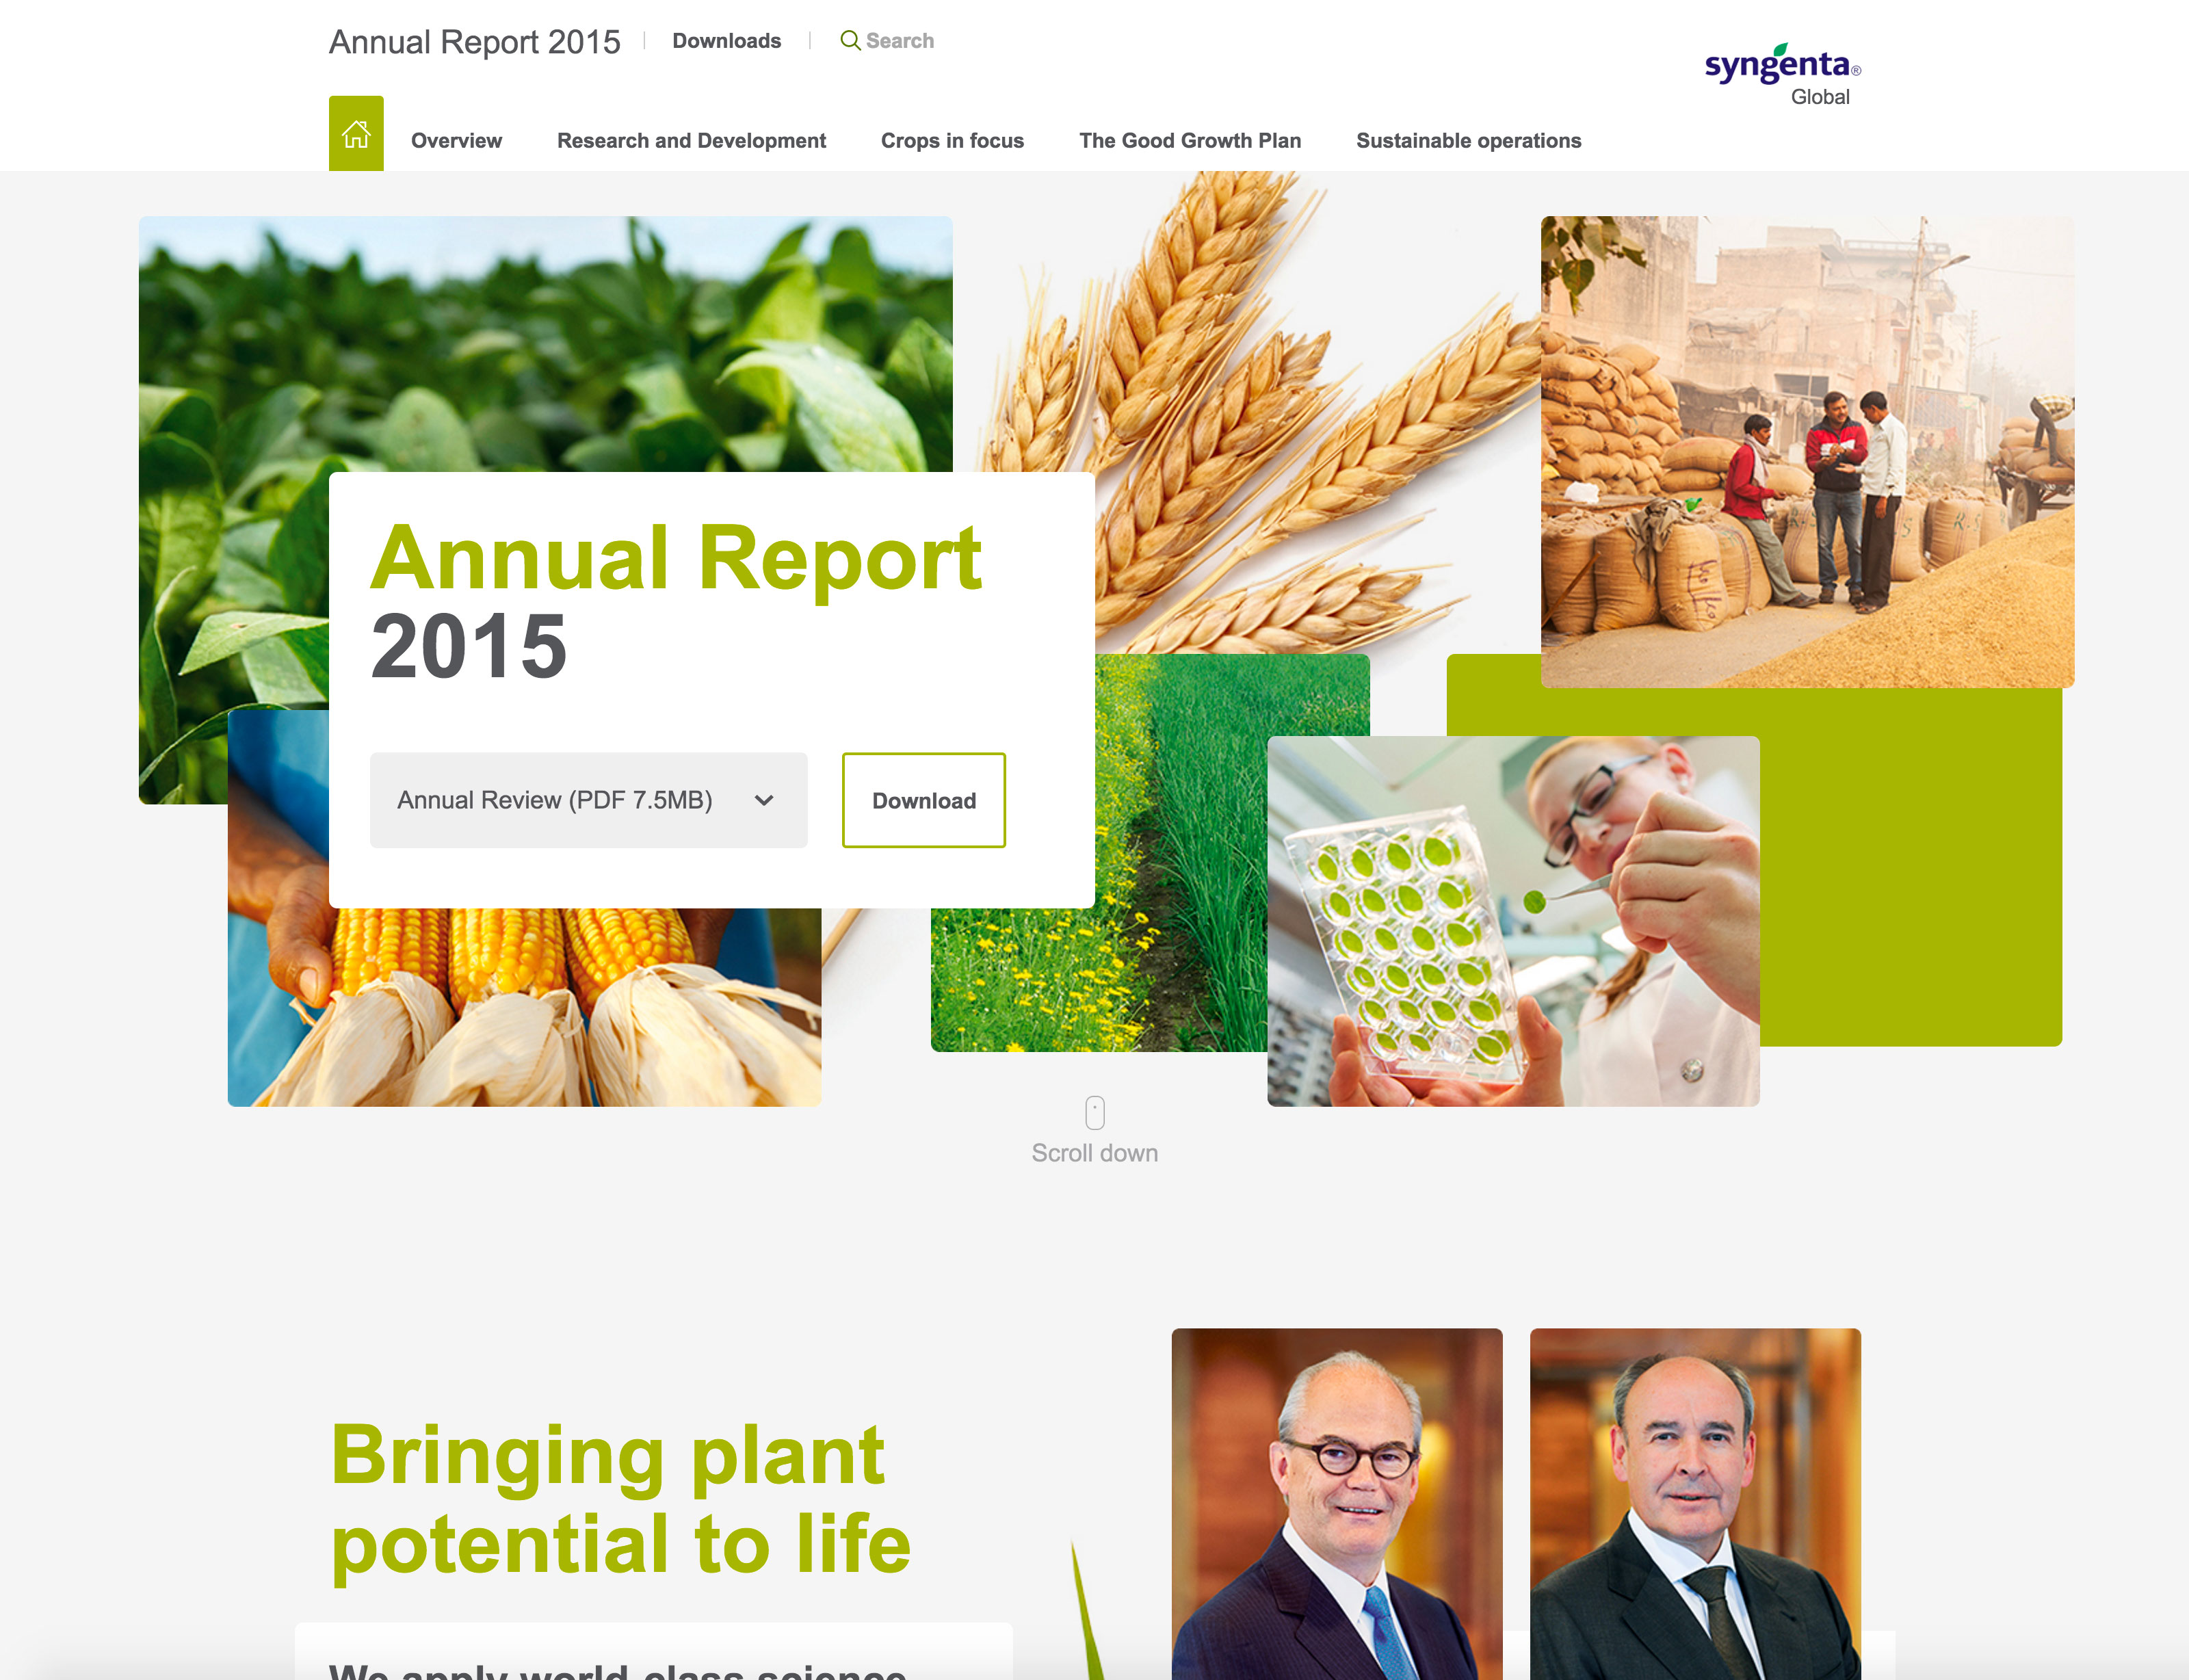 Screenshot of Syngenta Annual Report 2015 homepage on desktop